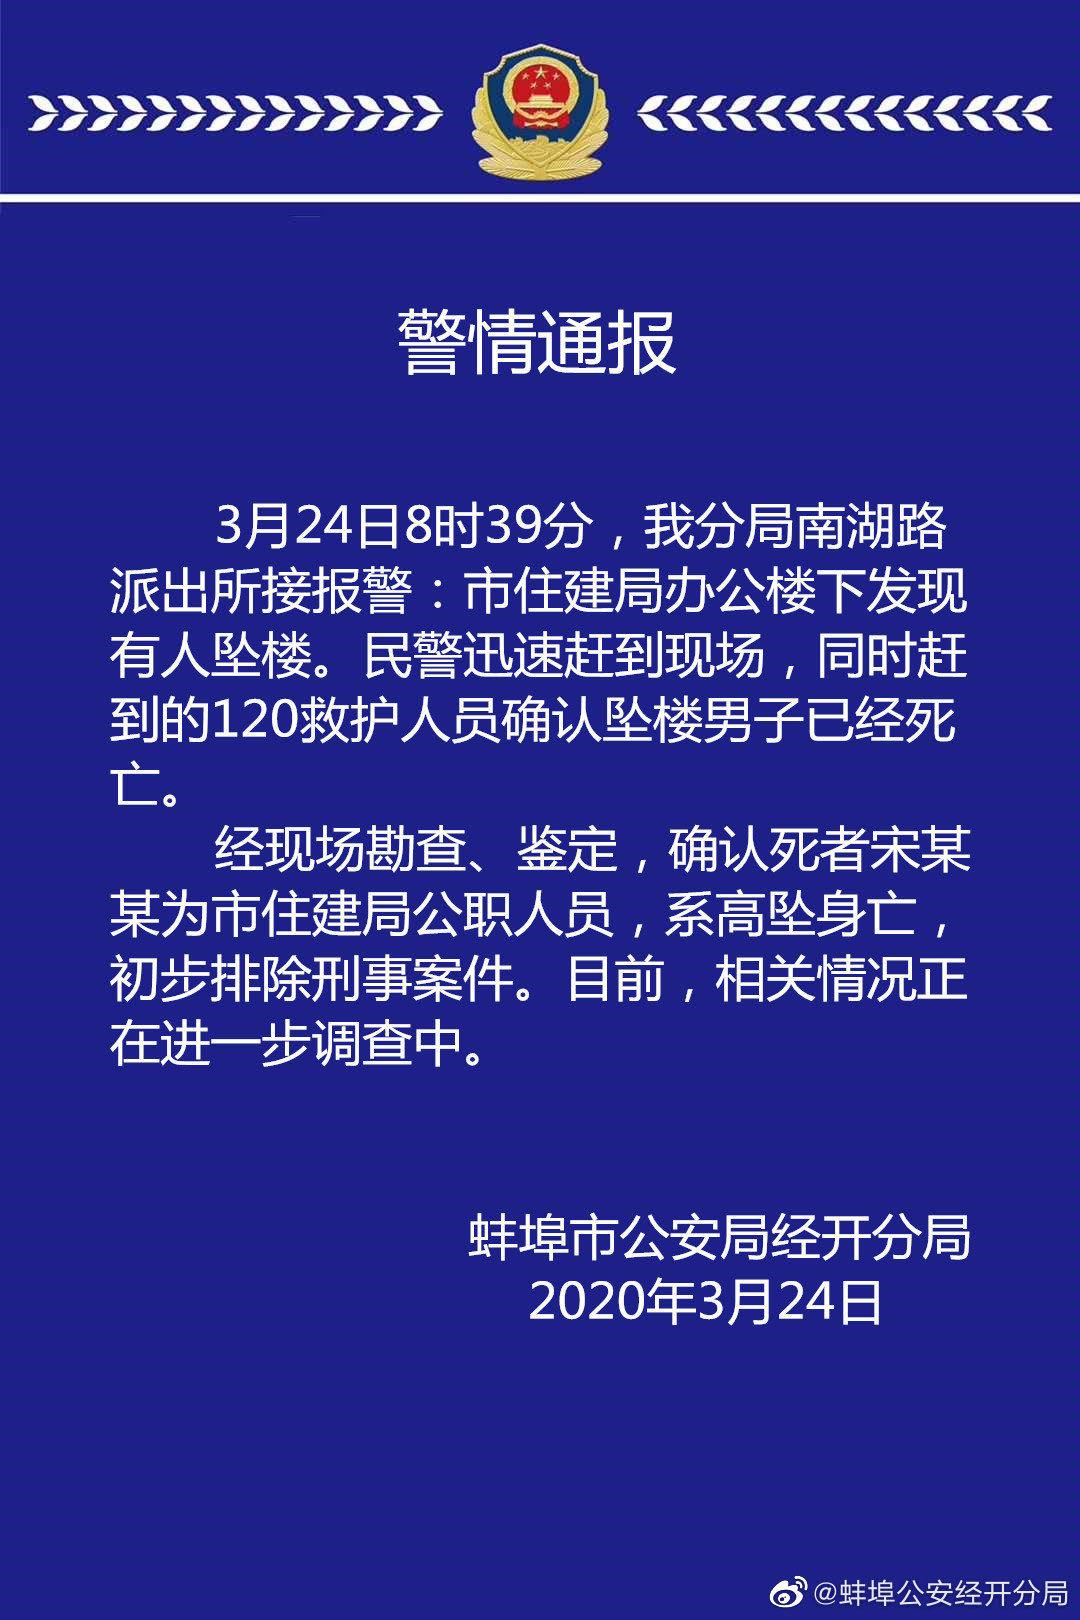 安徽蚌埠一公职人员坠亡警方初步排除刑案